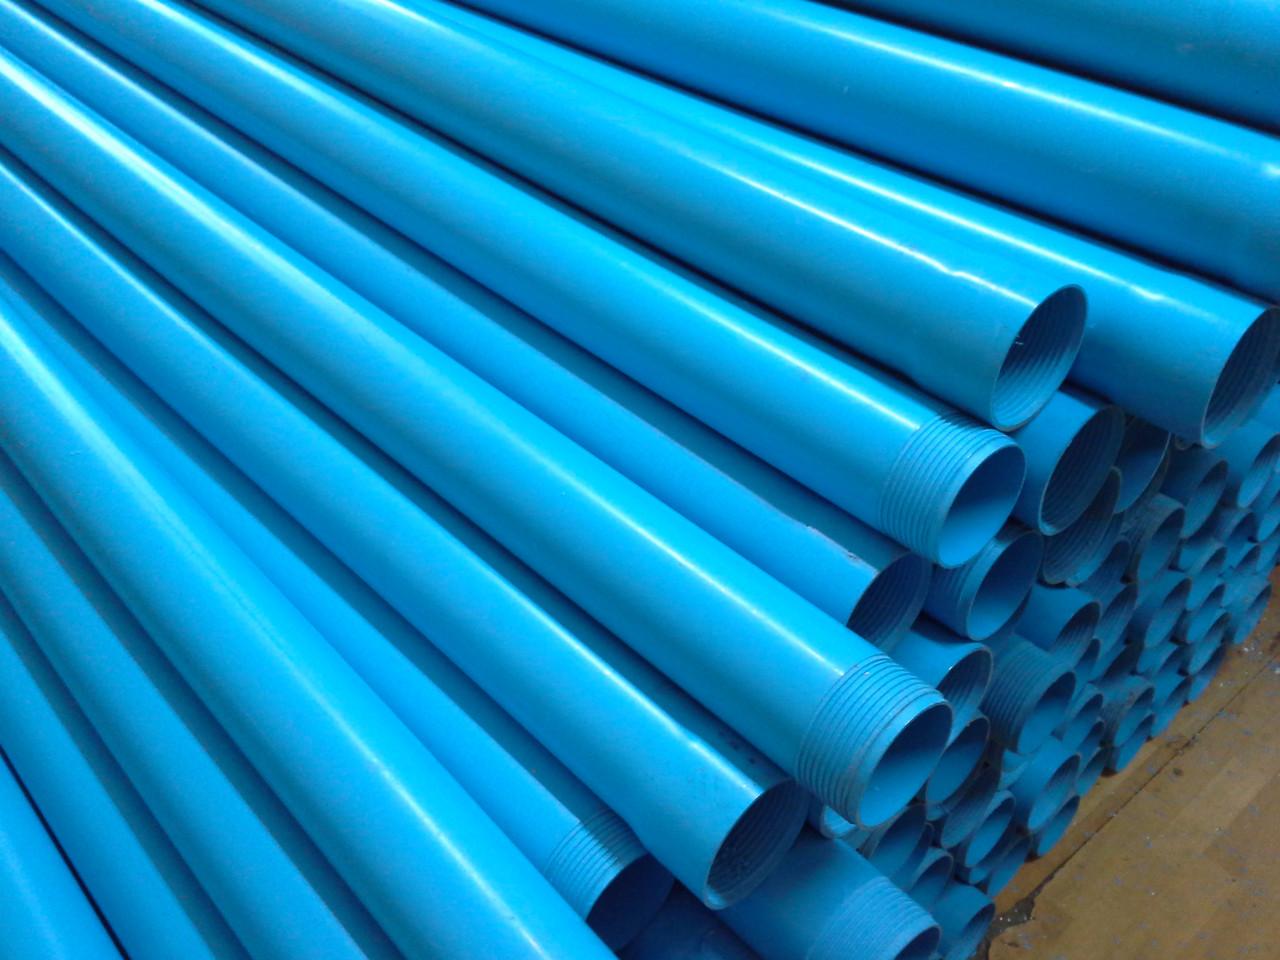 Обсадная труба для скважин Ø 140 мм, стенка 6.5 мм